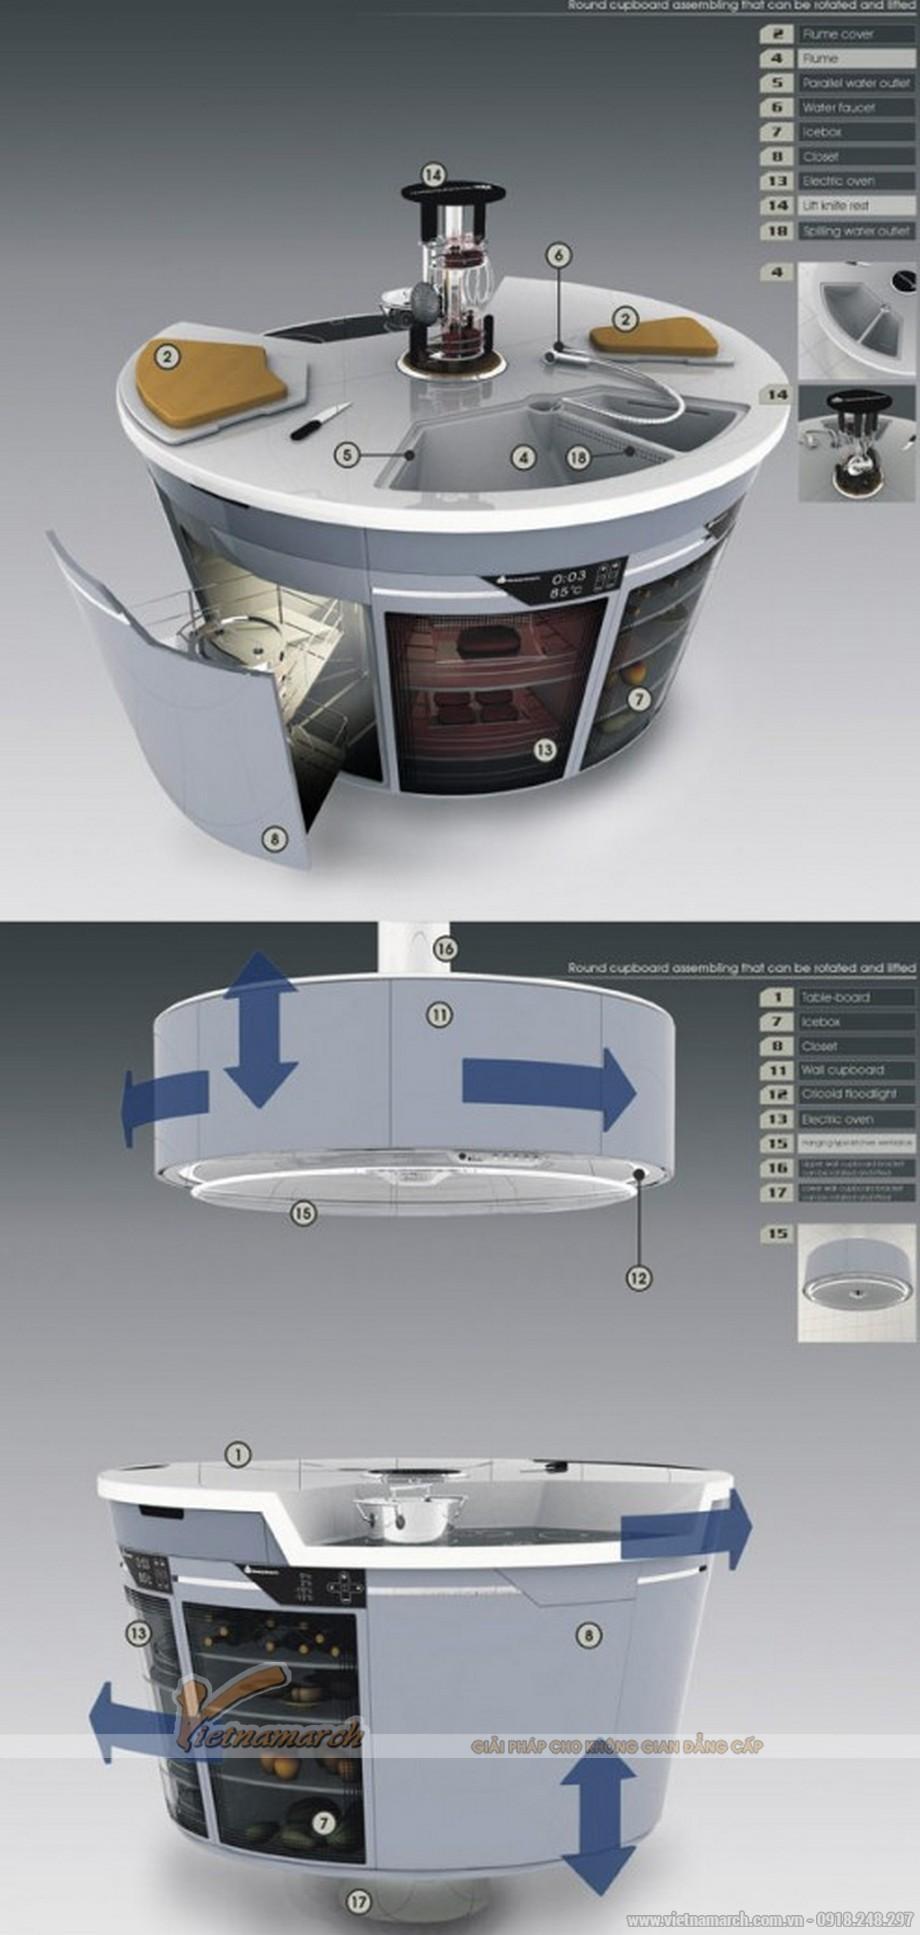 Thiết kế tủ bếp hiện đại cho tương lai